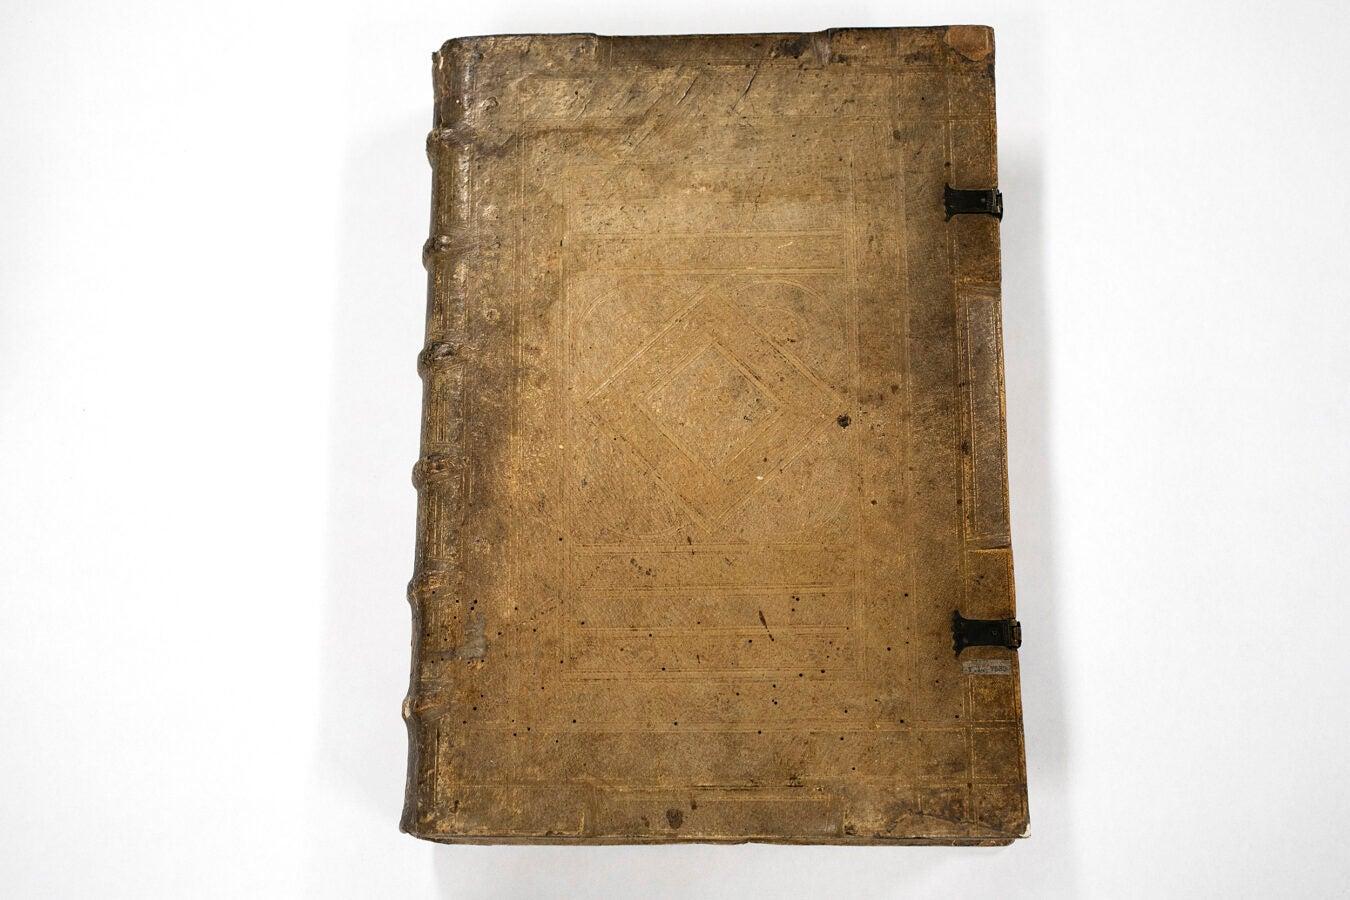 Andreae Vesalii Brvxellensis scholae medicorum Patauinae professoris, De humani corporis fabrica libri septem.